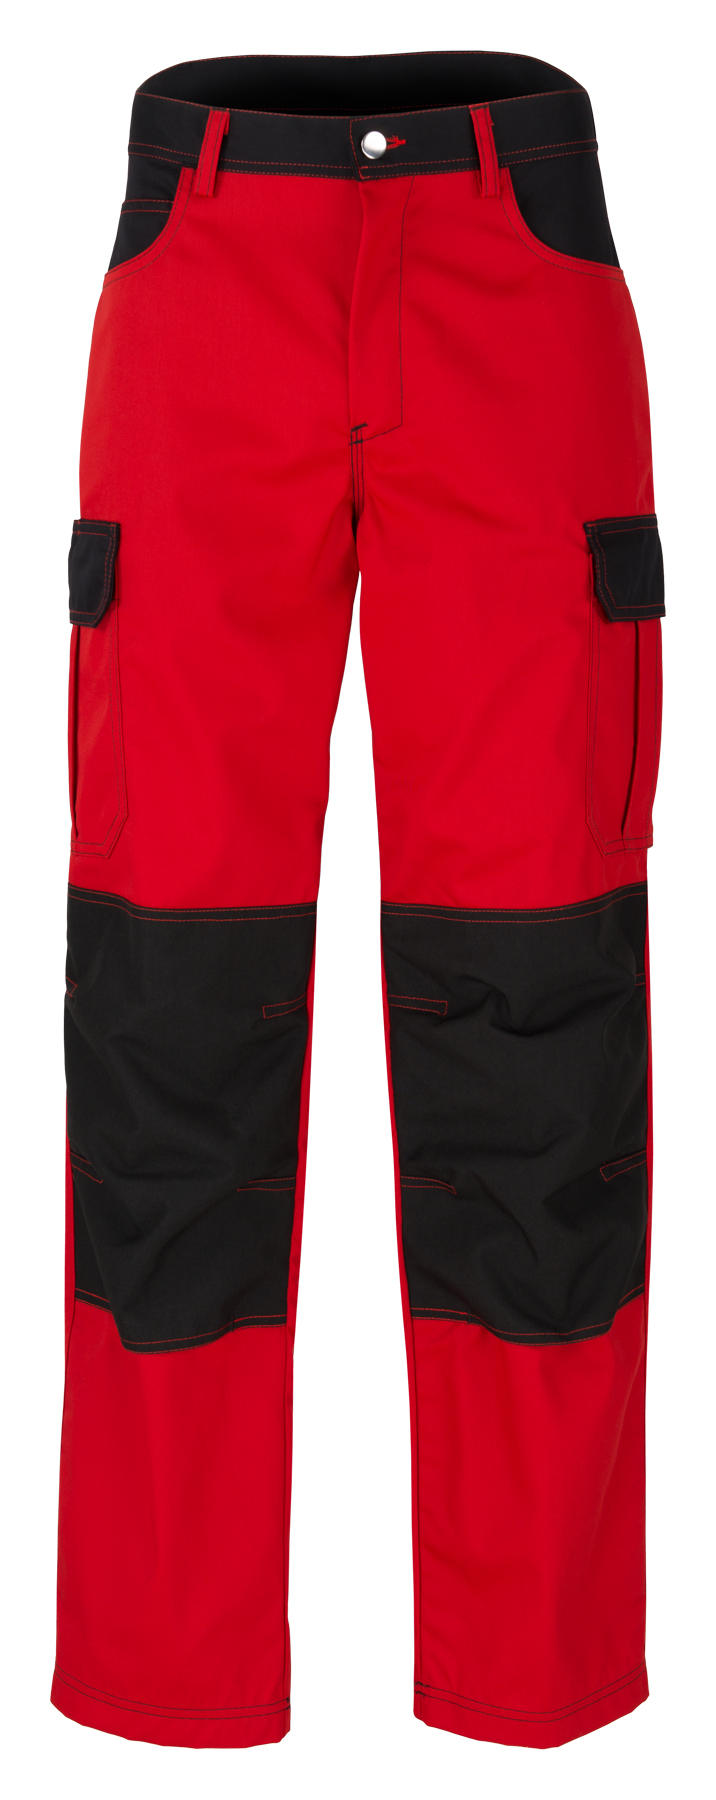 Heute im Angebot: Bundhose Premium - Modell 592 von BEB / Farbe: Rot in der Region Stahnsdorf